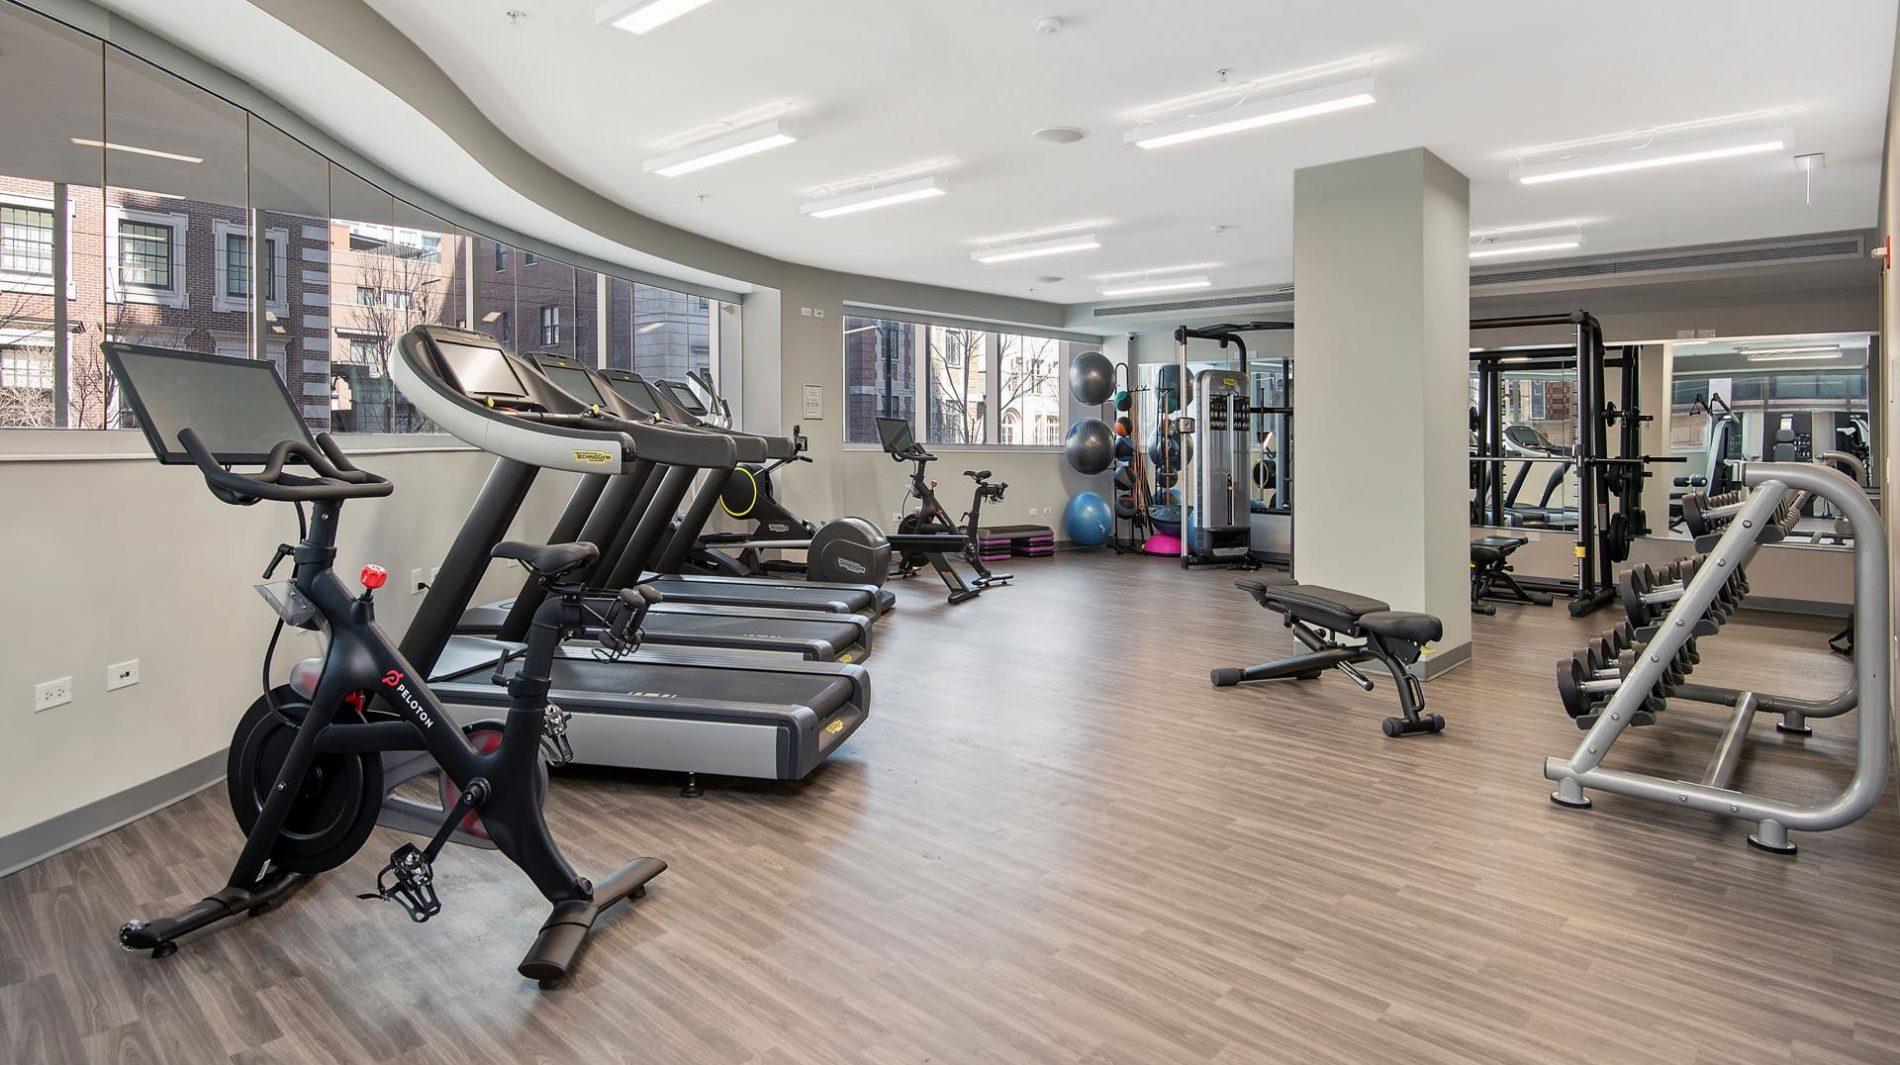 An expansive fitness center.